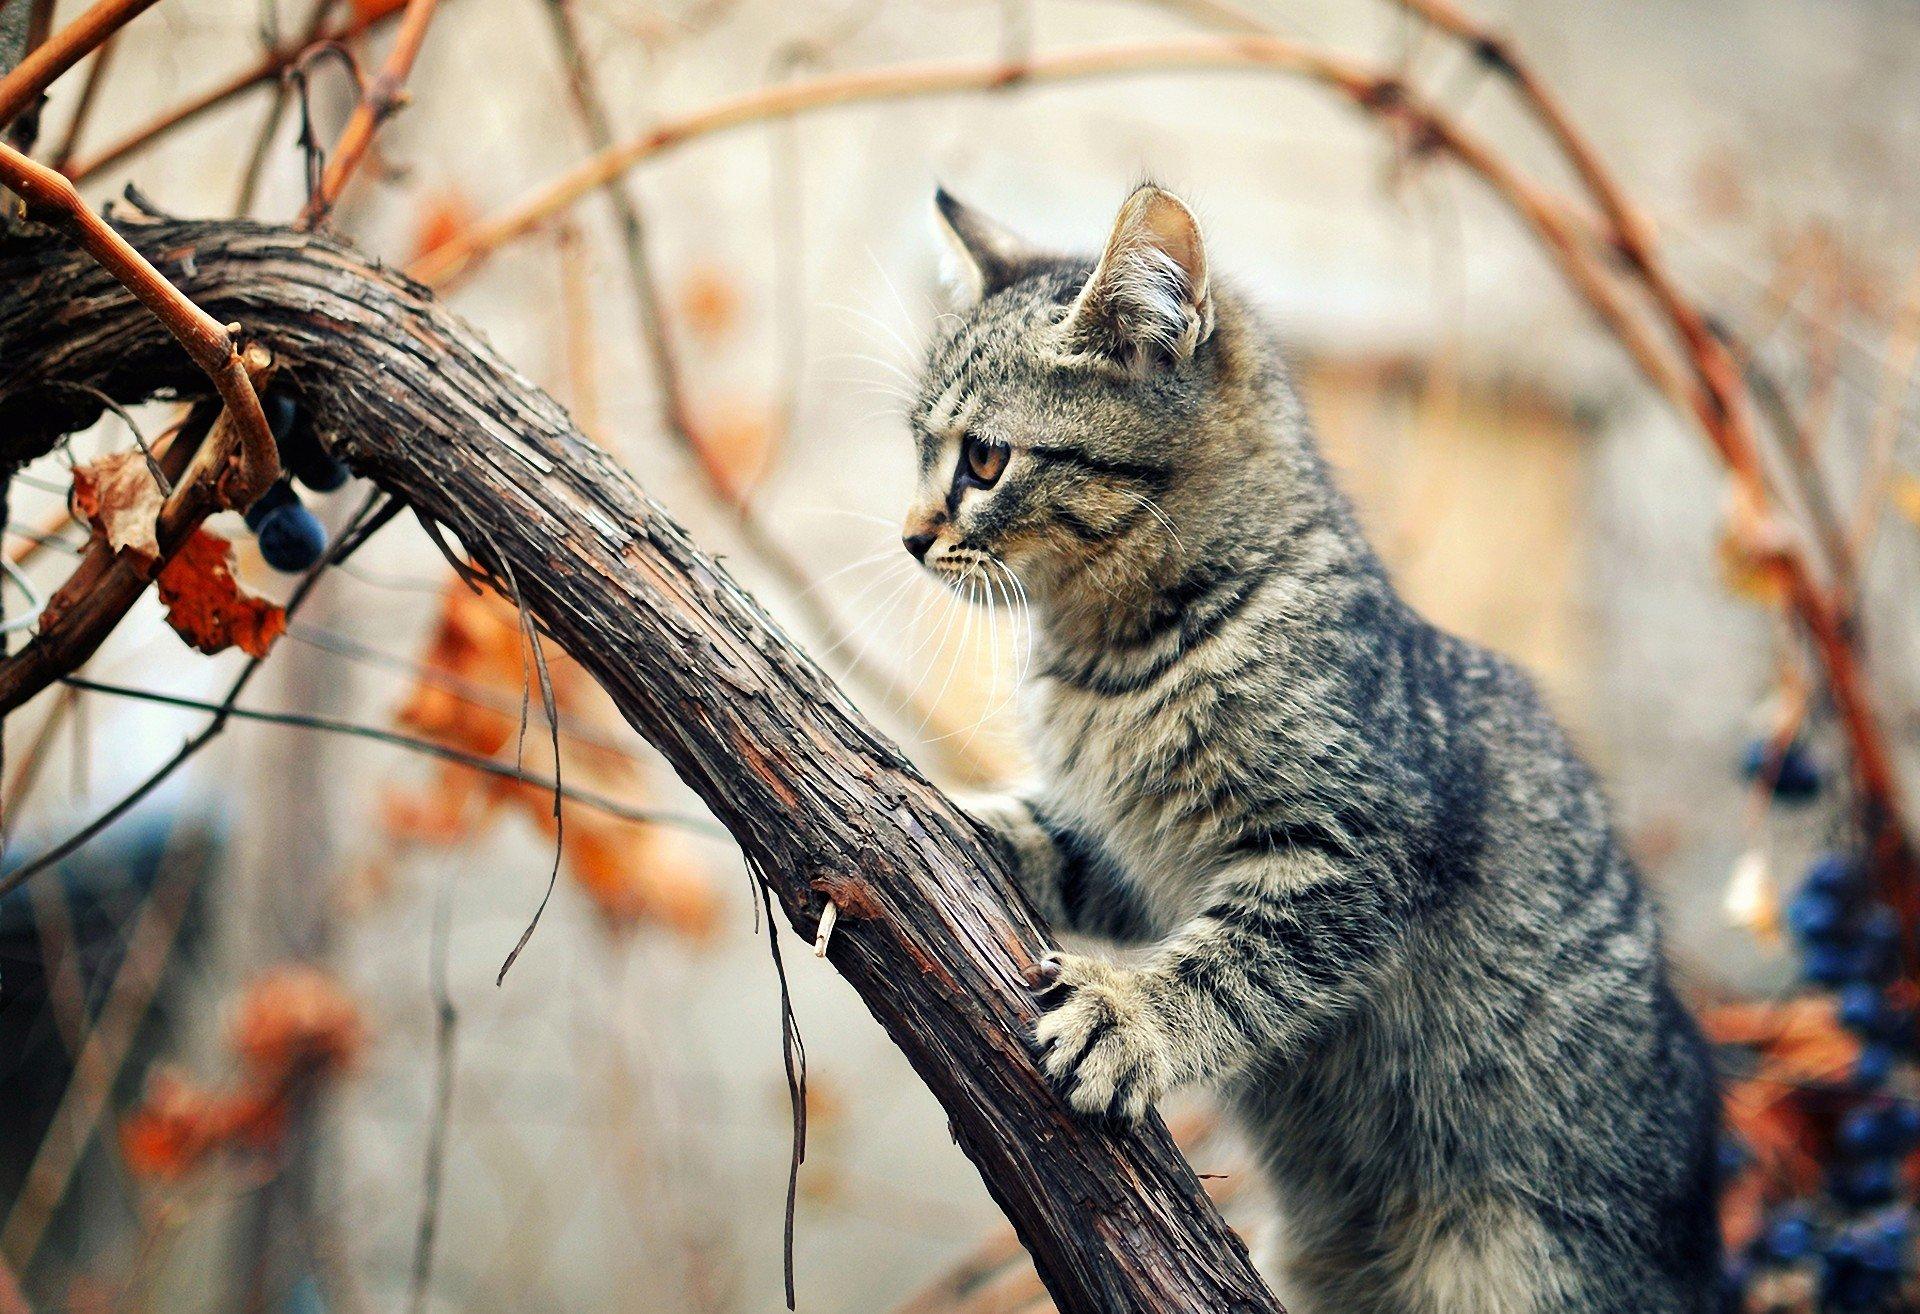 природа животные кролик листья осень деревья  № 2035256 загрузить